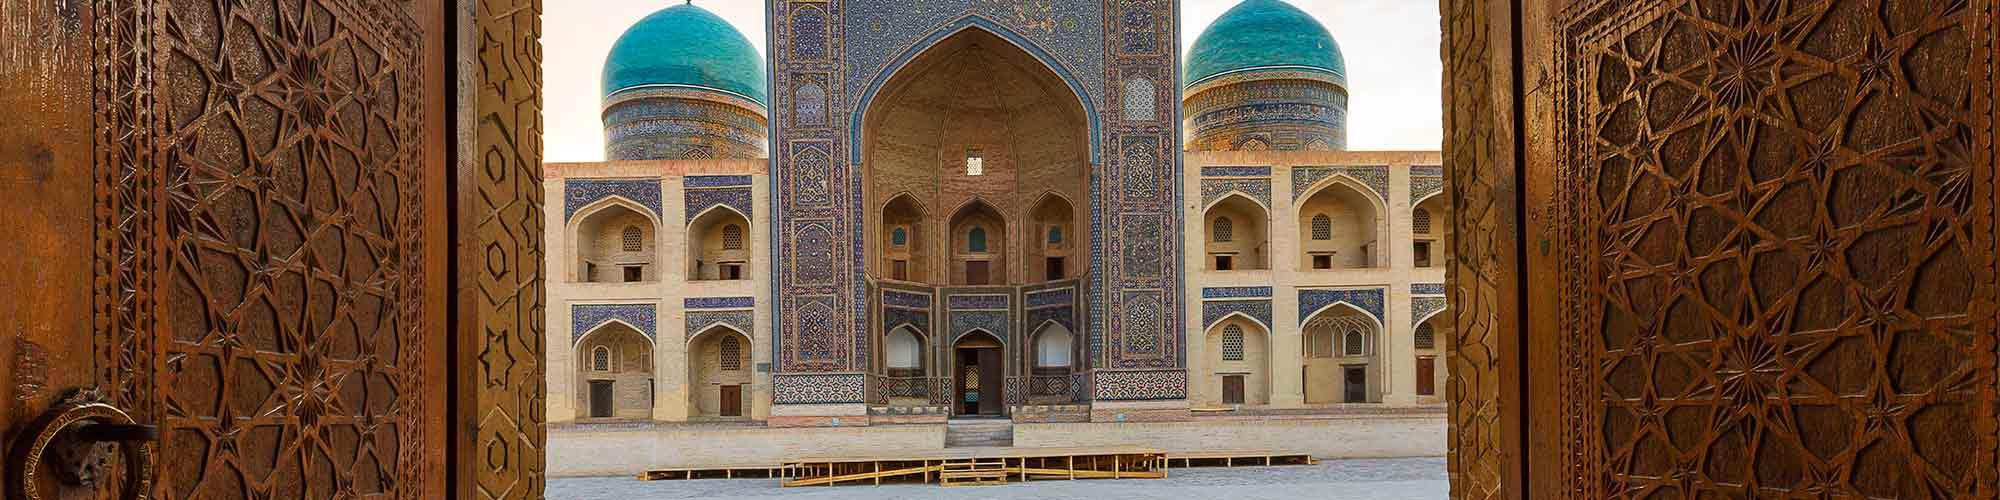 Uzbequistán: Ciudades míticas de la ruta de la seda - EL PAIS Viajes